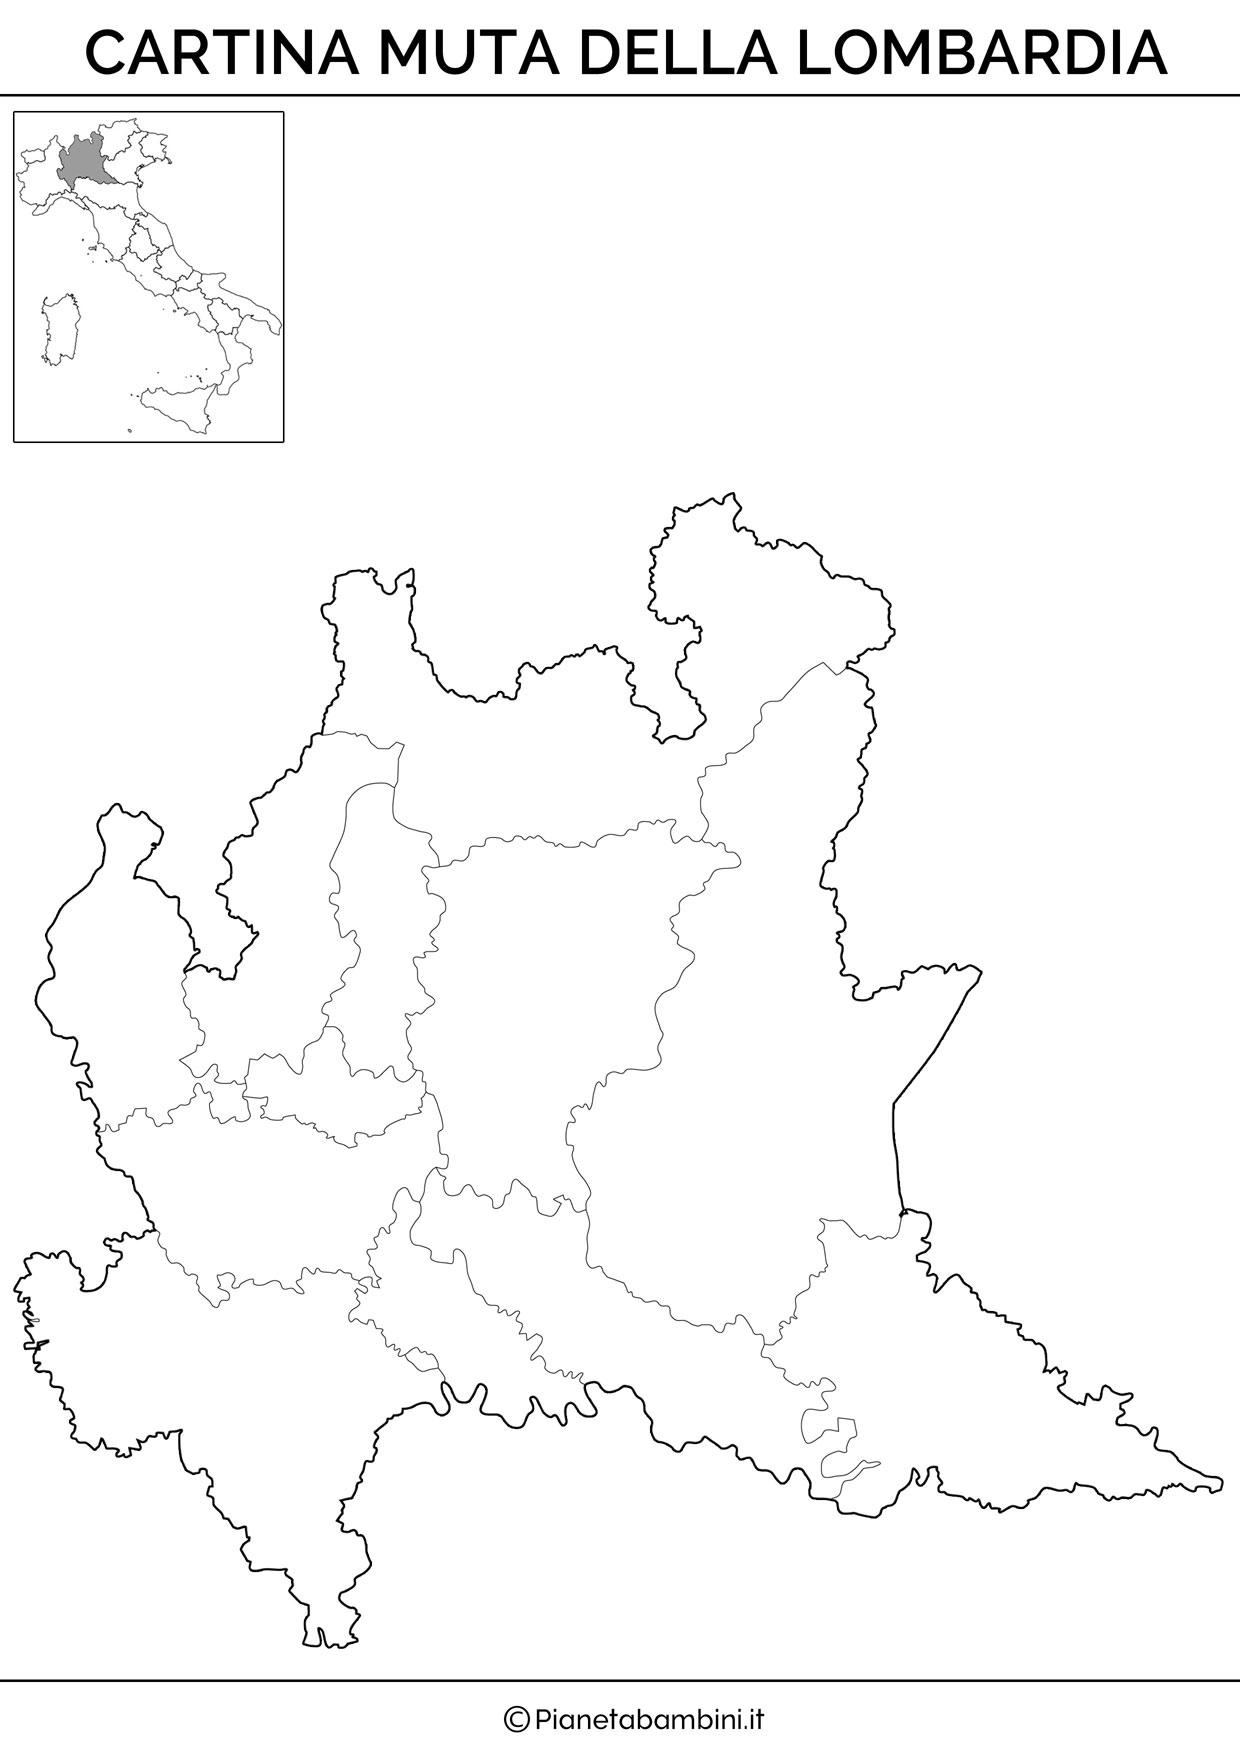 Cartina muta della Lombardia da stampare gratis